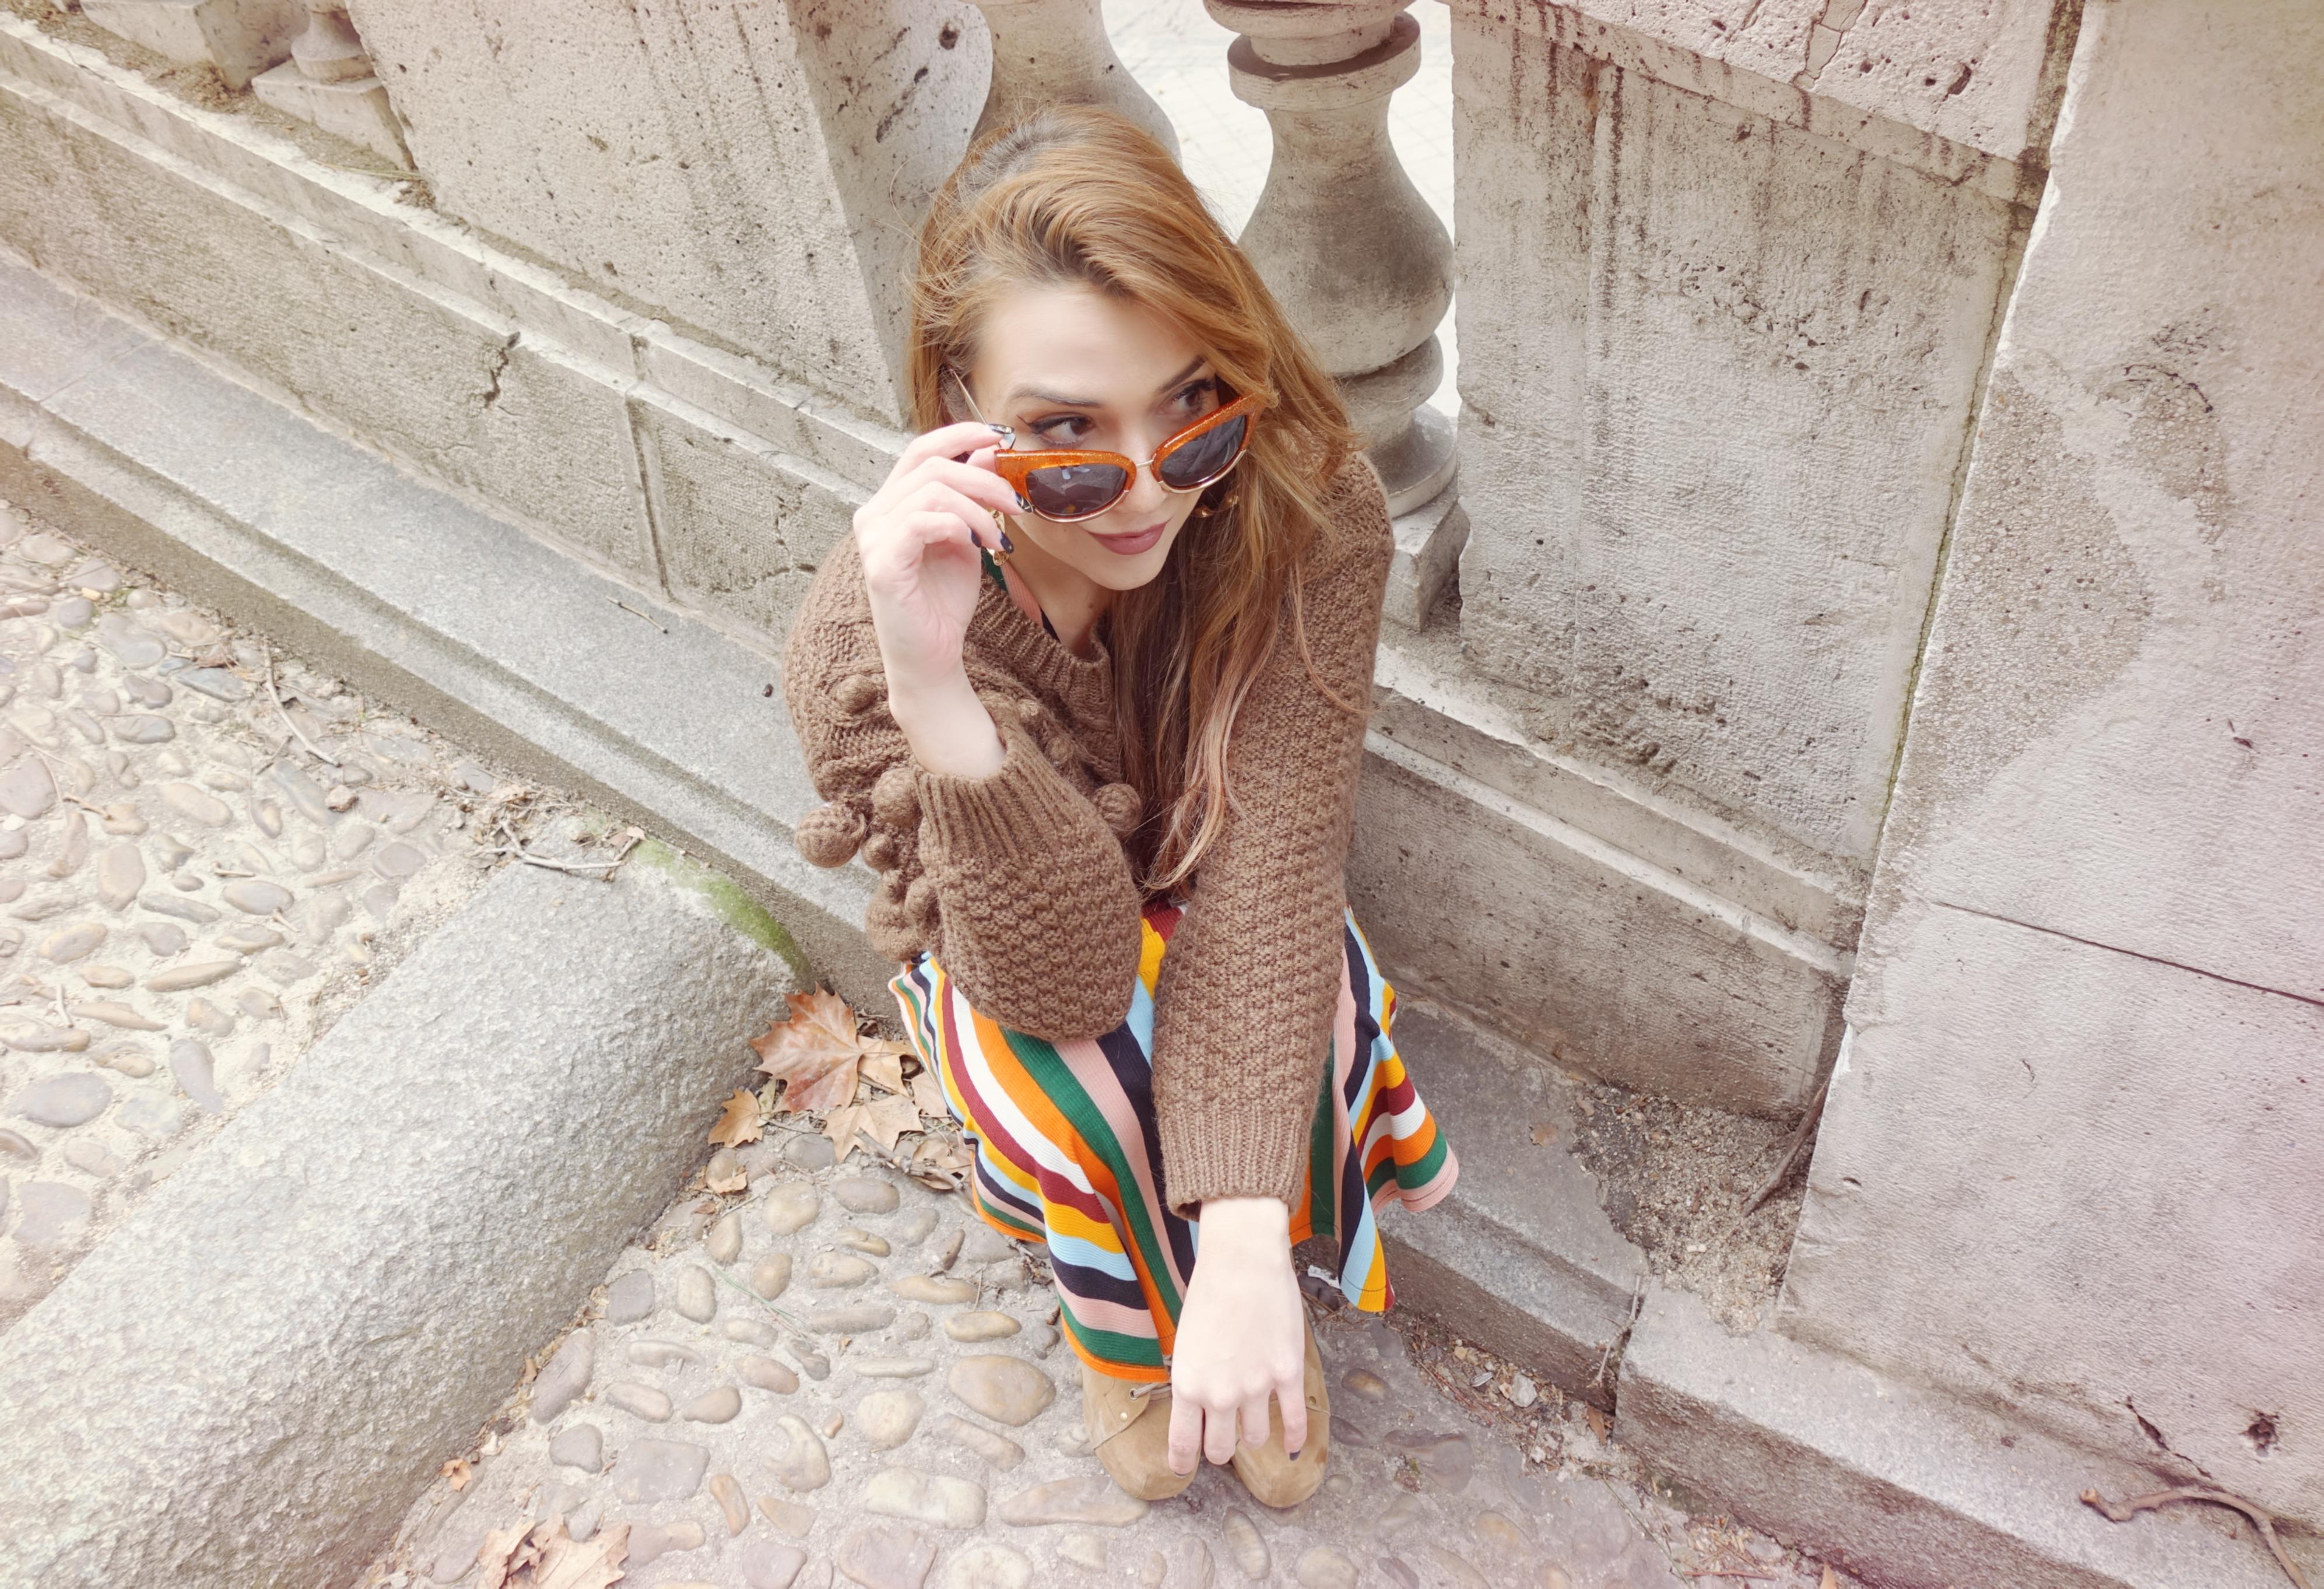 Pelirroja-influencer-madrid-fashionista-blog-de-moda-Piensa-en-chic-stripes-look-outfit-de-invierno-chic-adicta-Piensa-en-chic